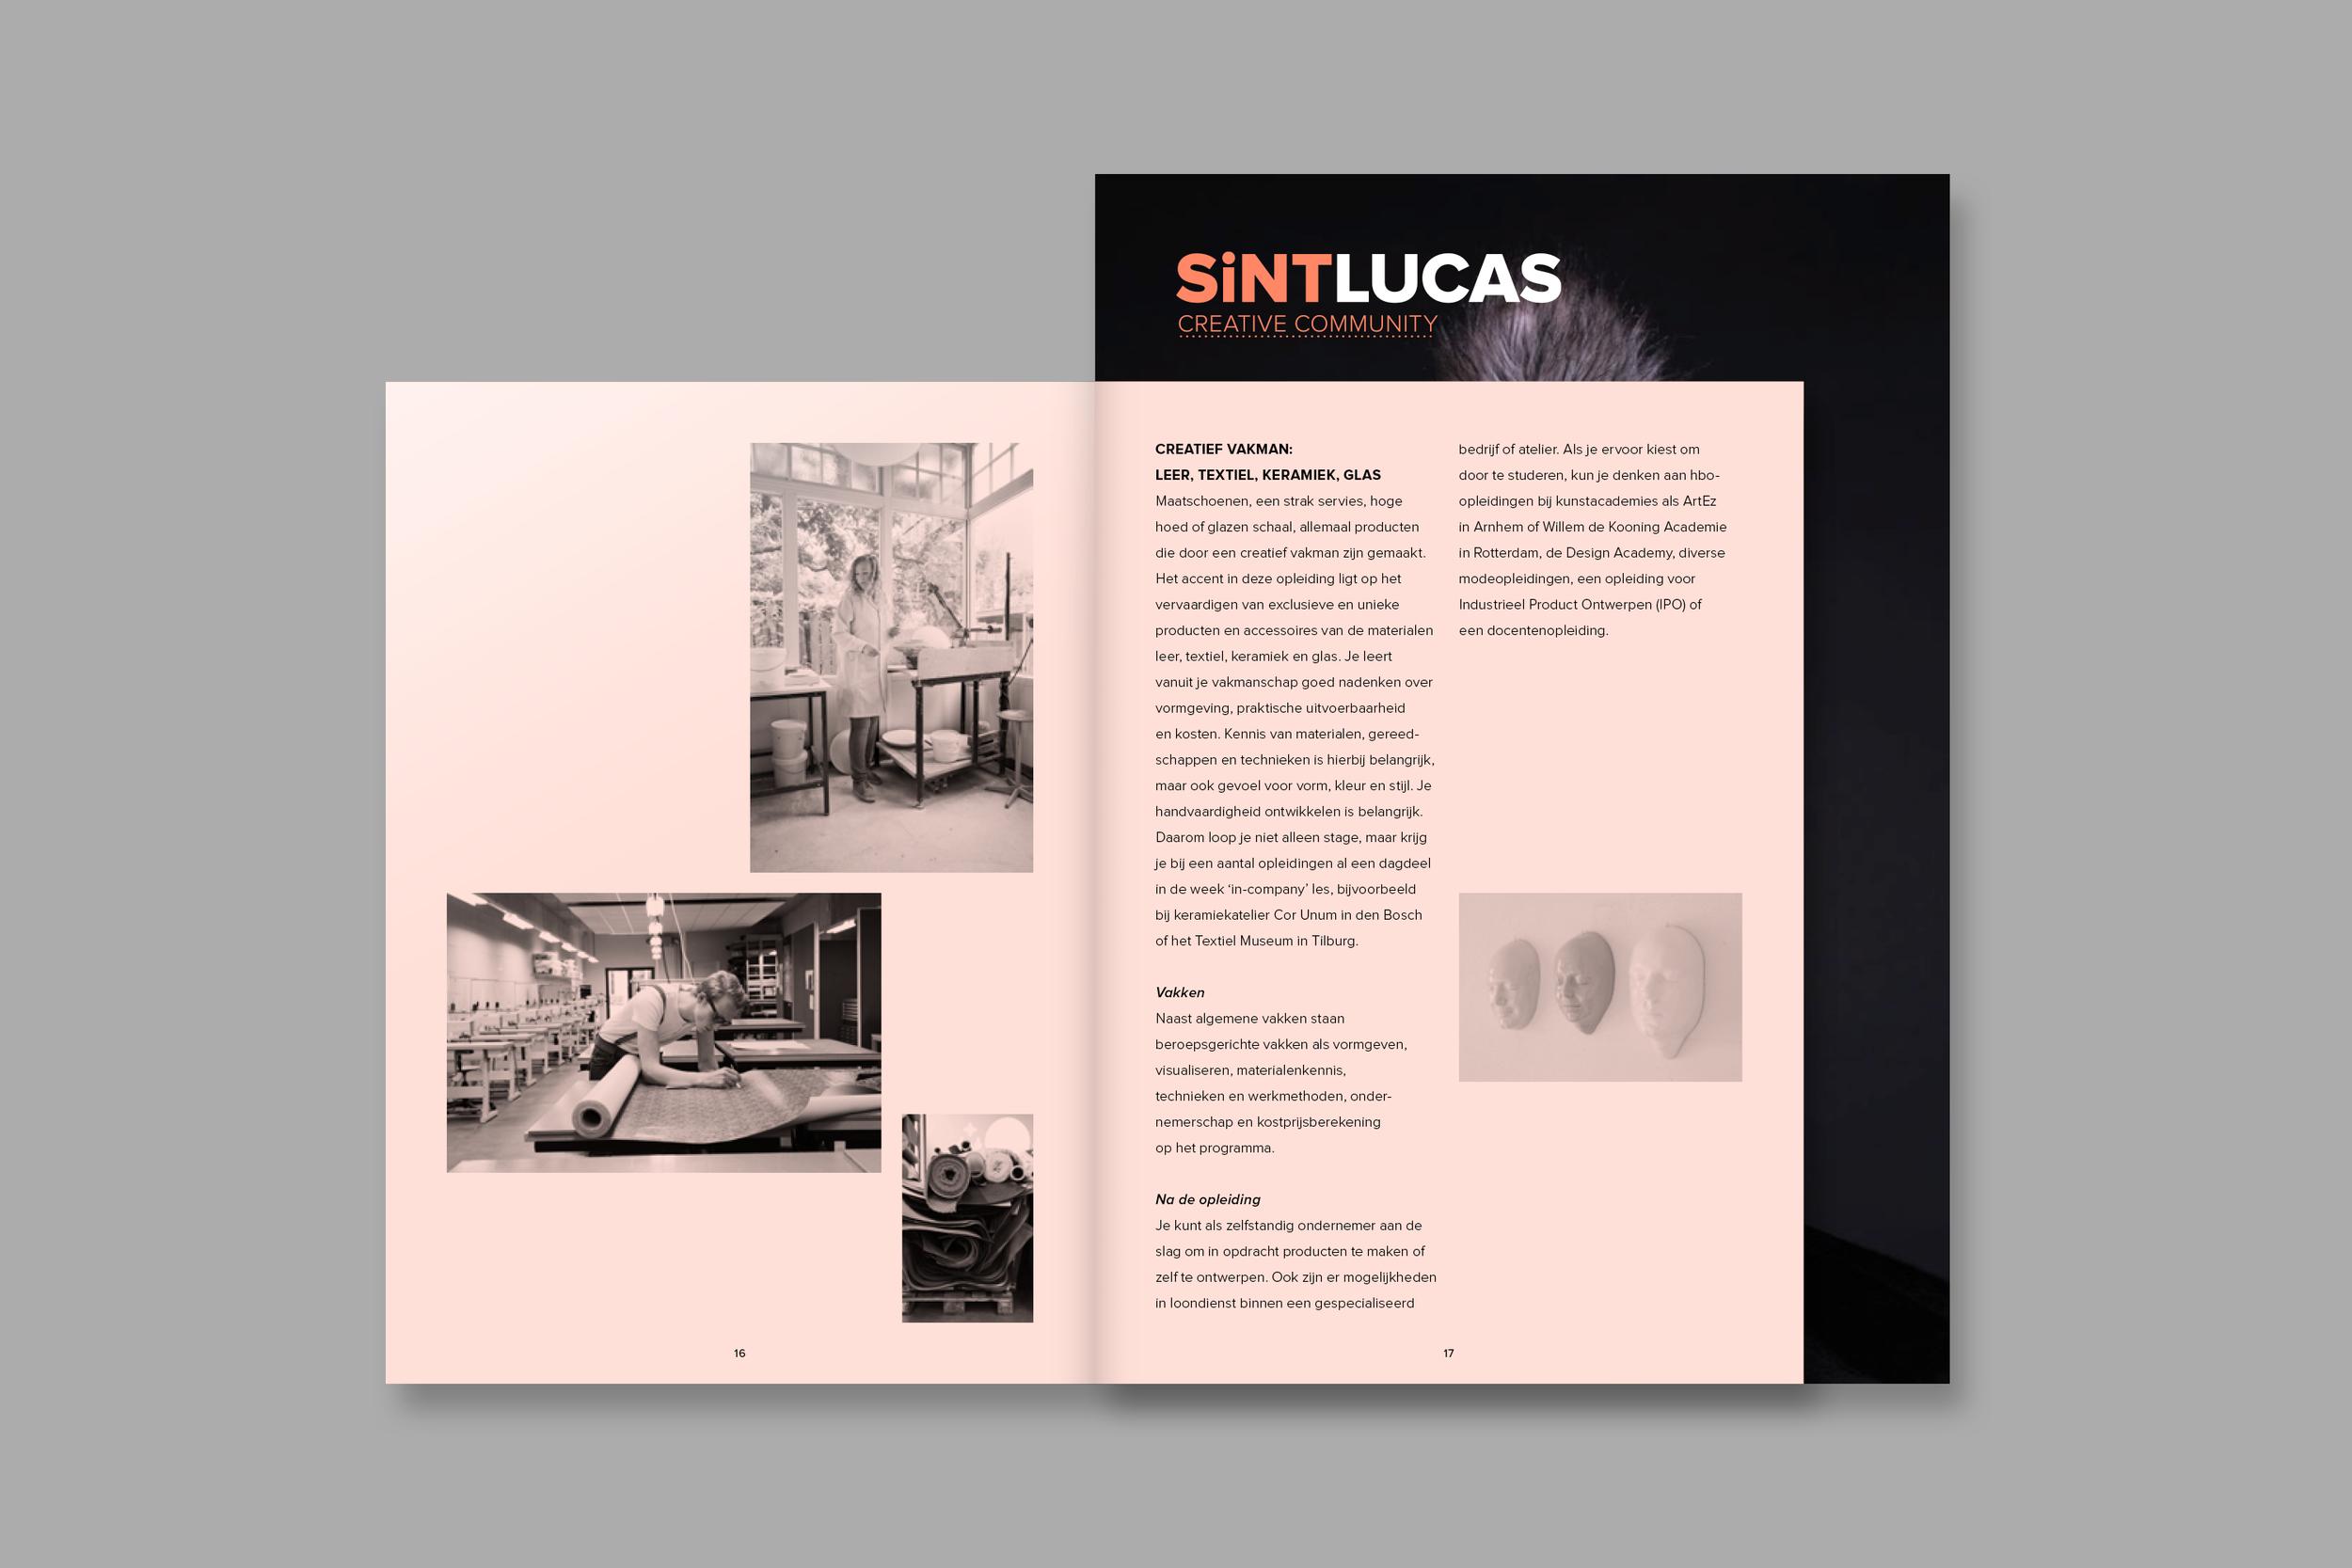 sintlucas-3.png